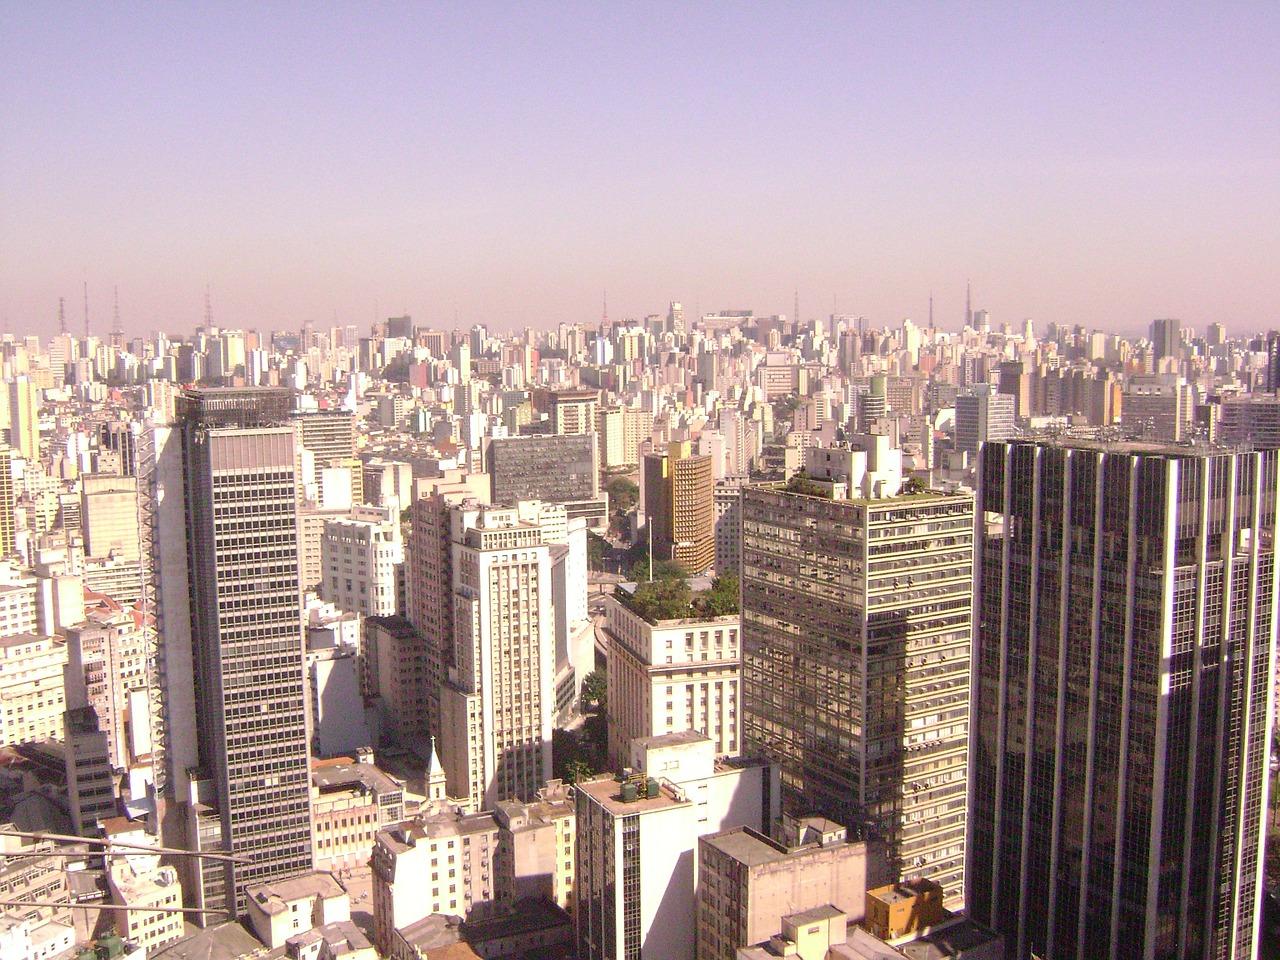 vista aérea da cidade de são paulo com vários prédios até o horizonte